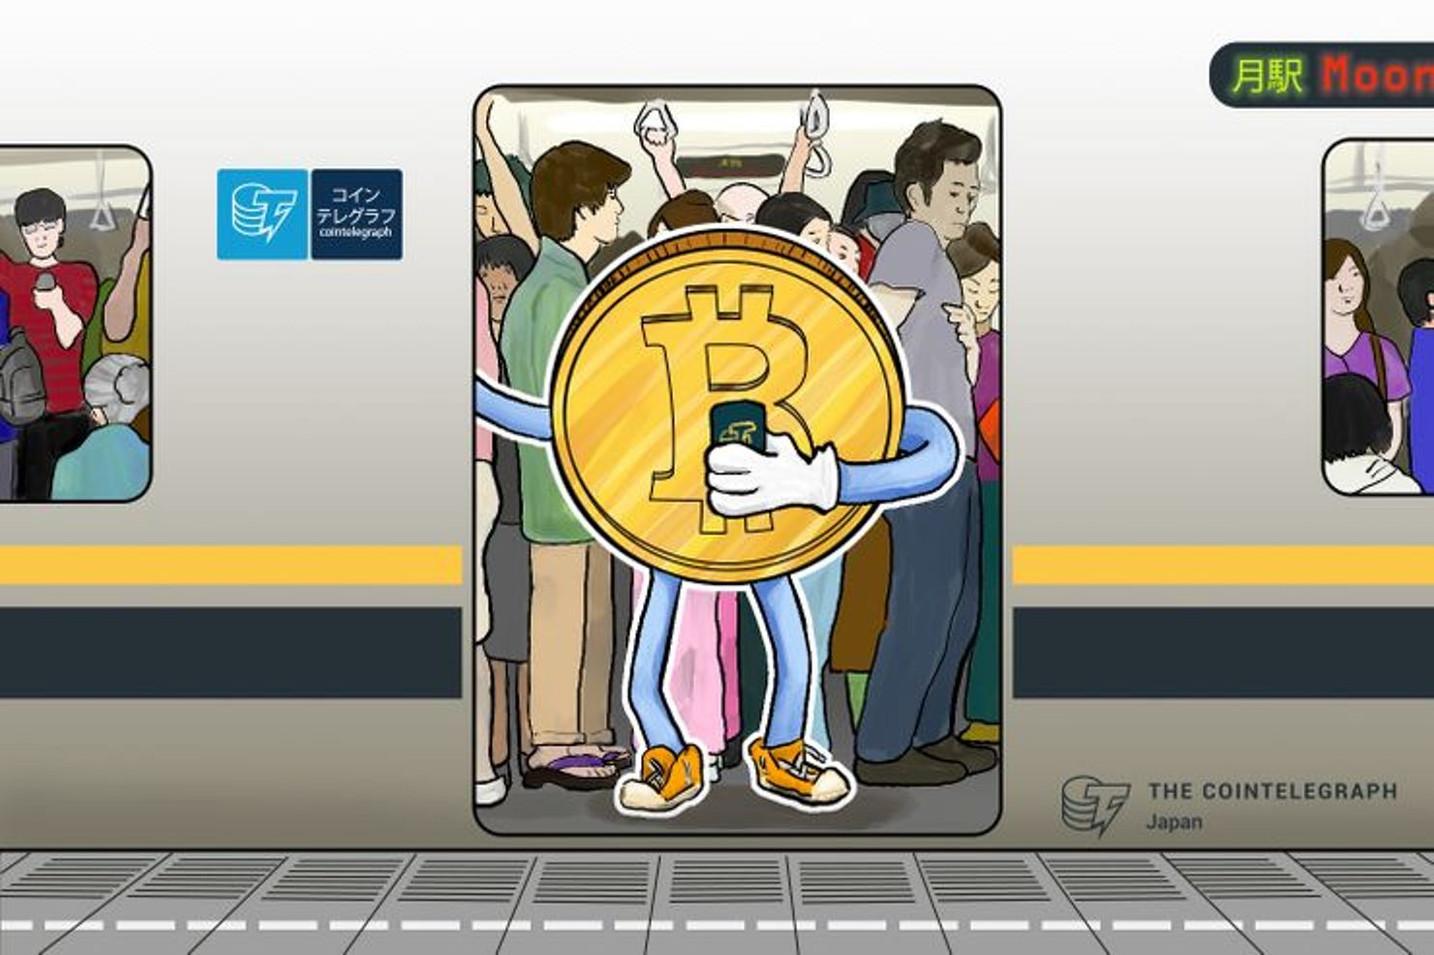 マネーパートナーズ 仮想通貨交換業運営の子会社を設立へ 大和証券とブロックチェーン分野で業務提携